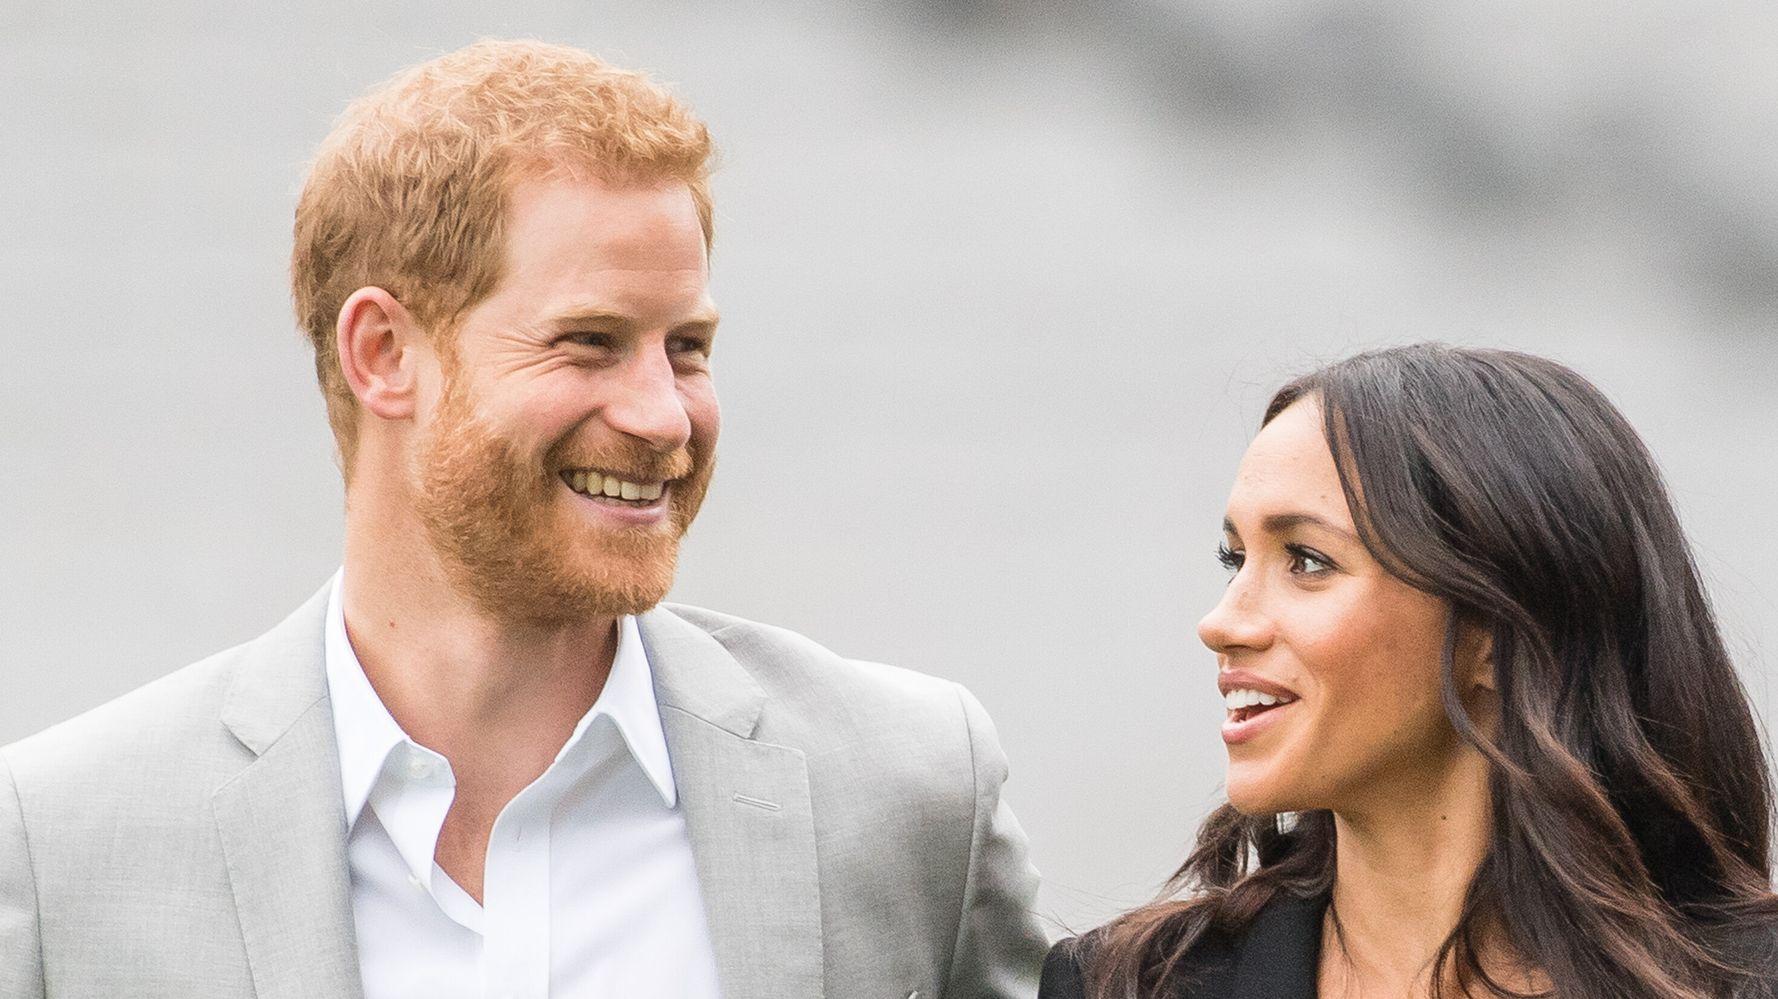 Принц Гарри нарушил молчание, сообщив, что он и Меган Маркл уходят из социальных сетей